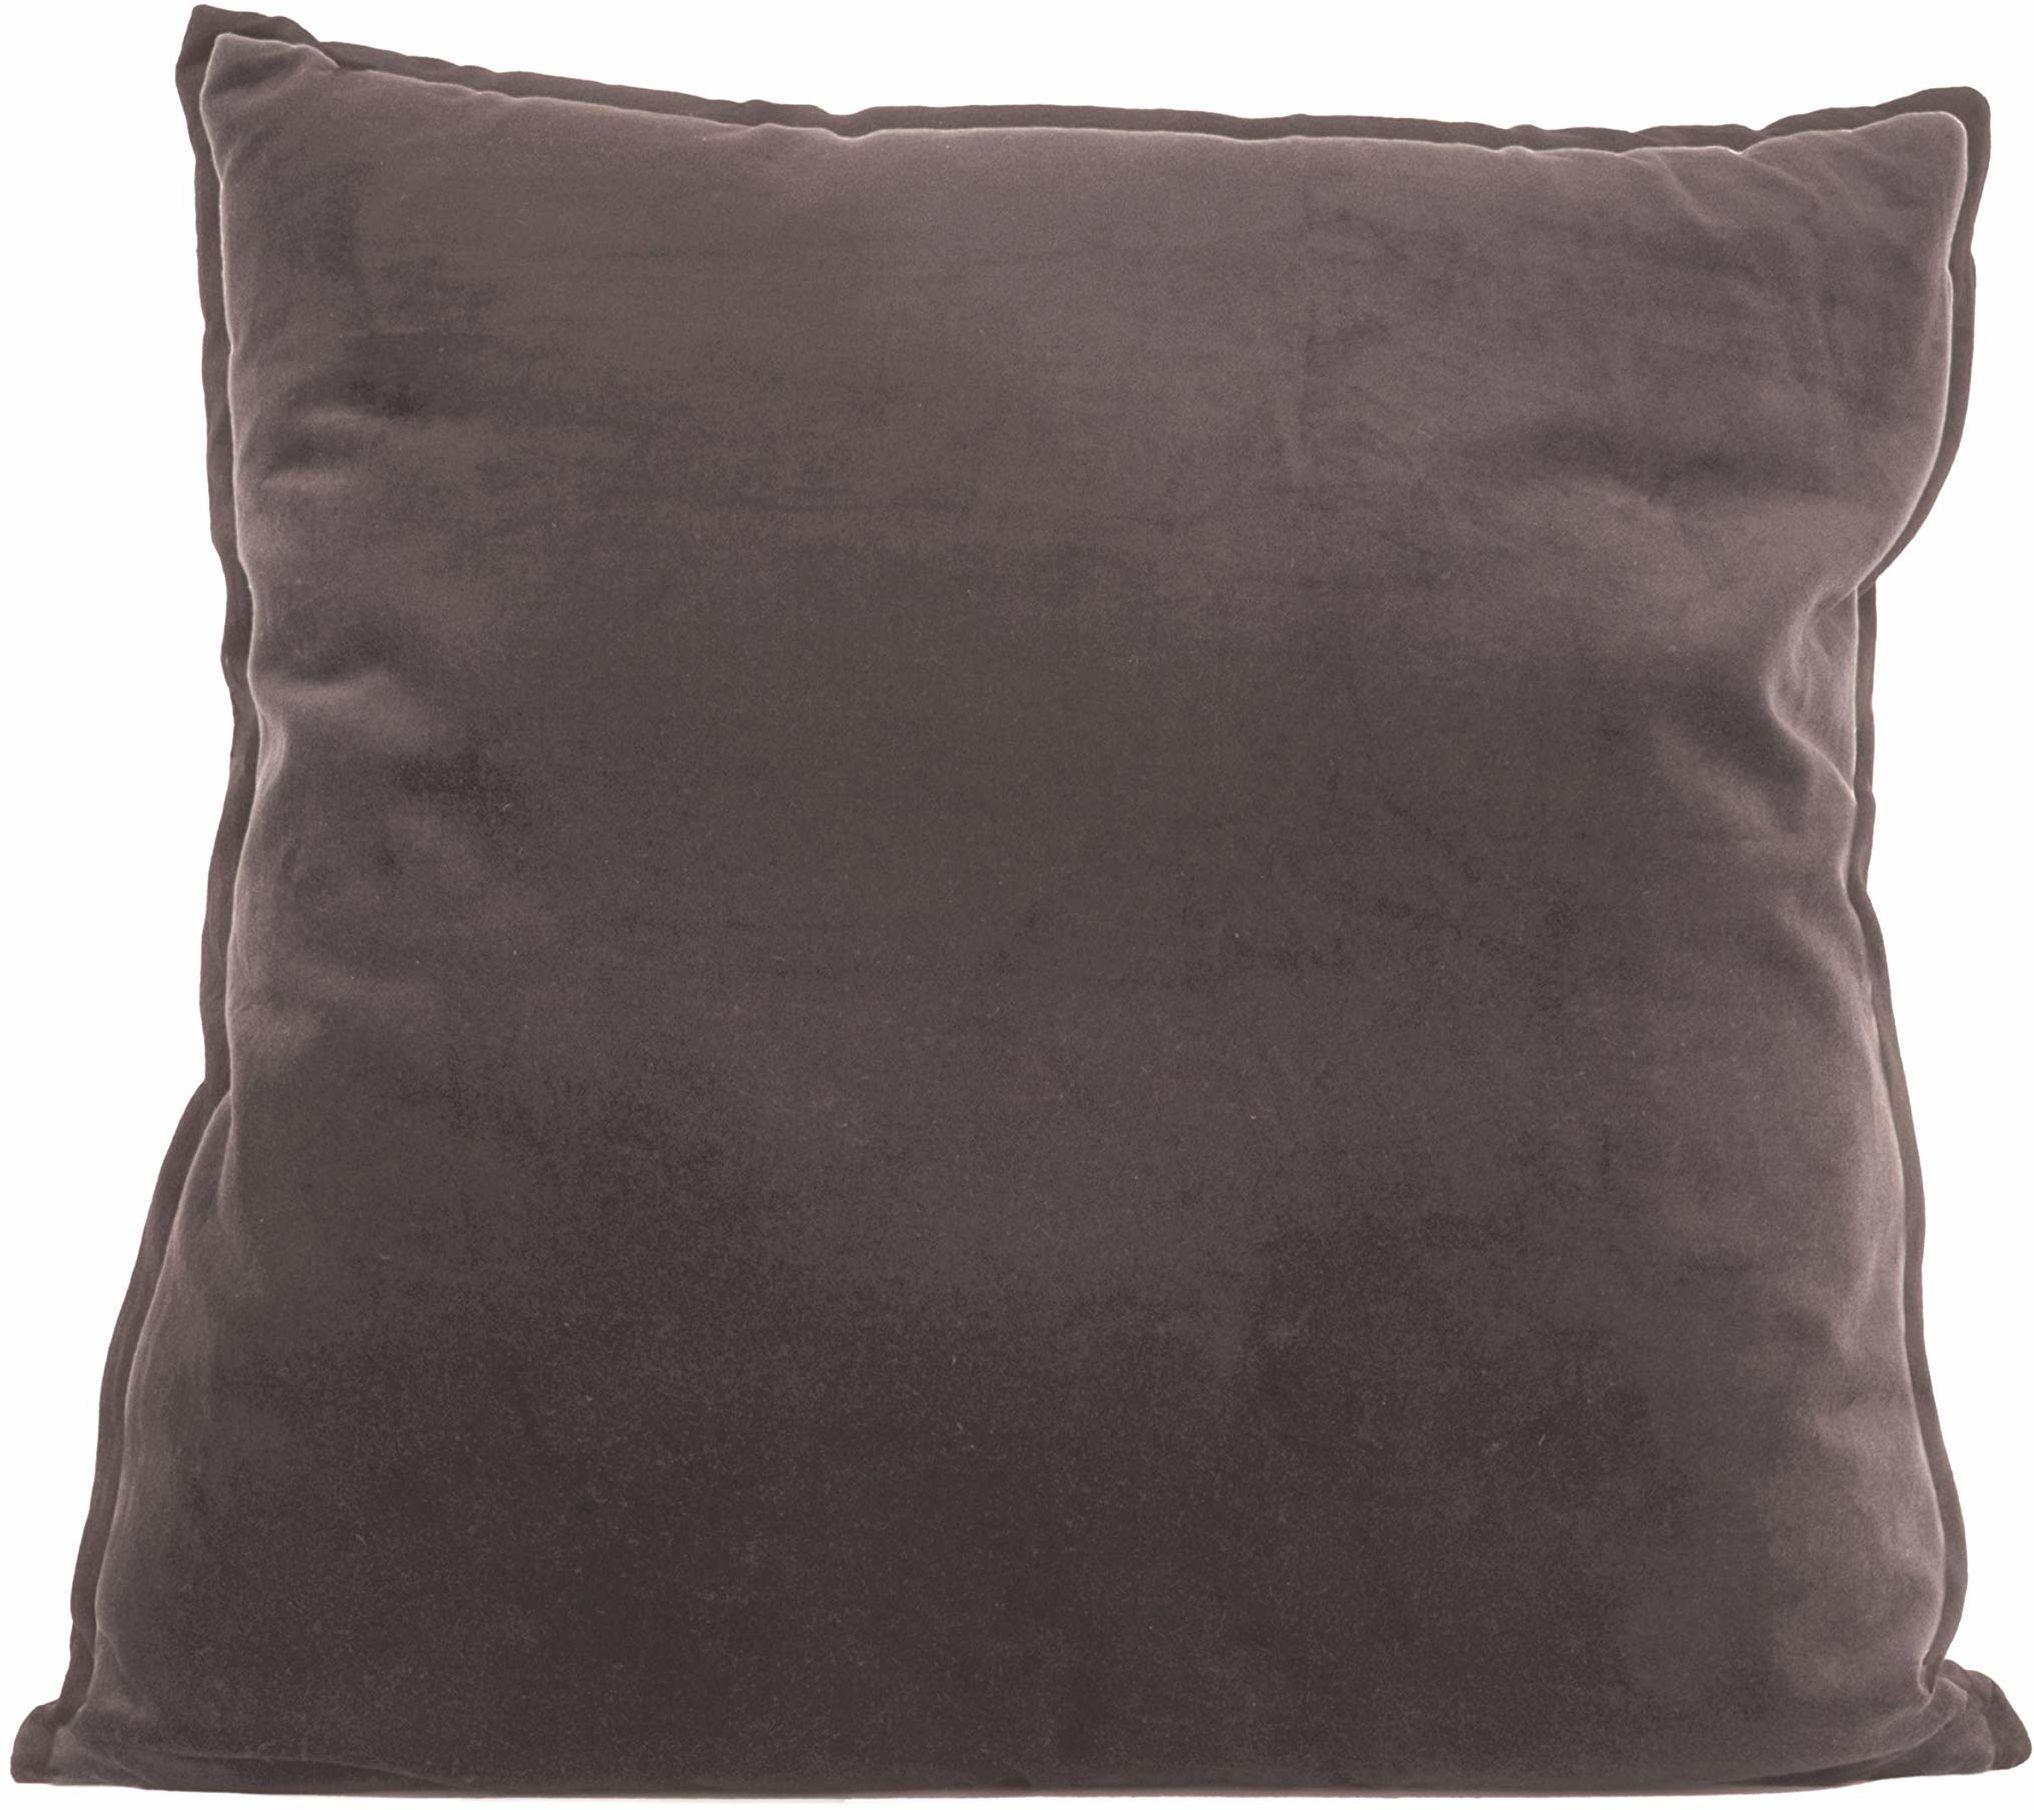 PT poduszka do życia luksusowa XL kwadratowa aksamitna ciepła szara